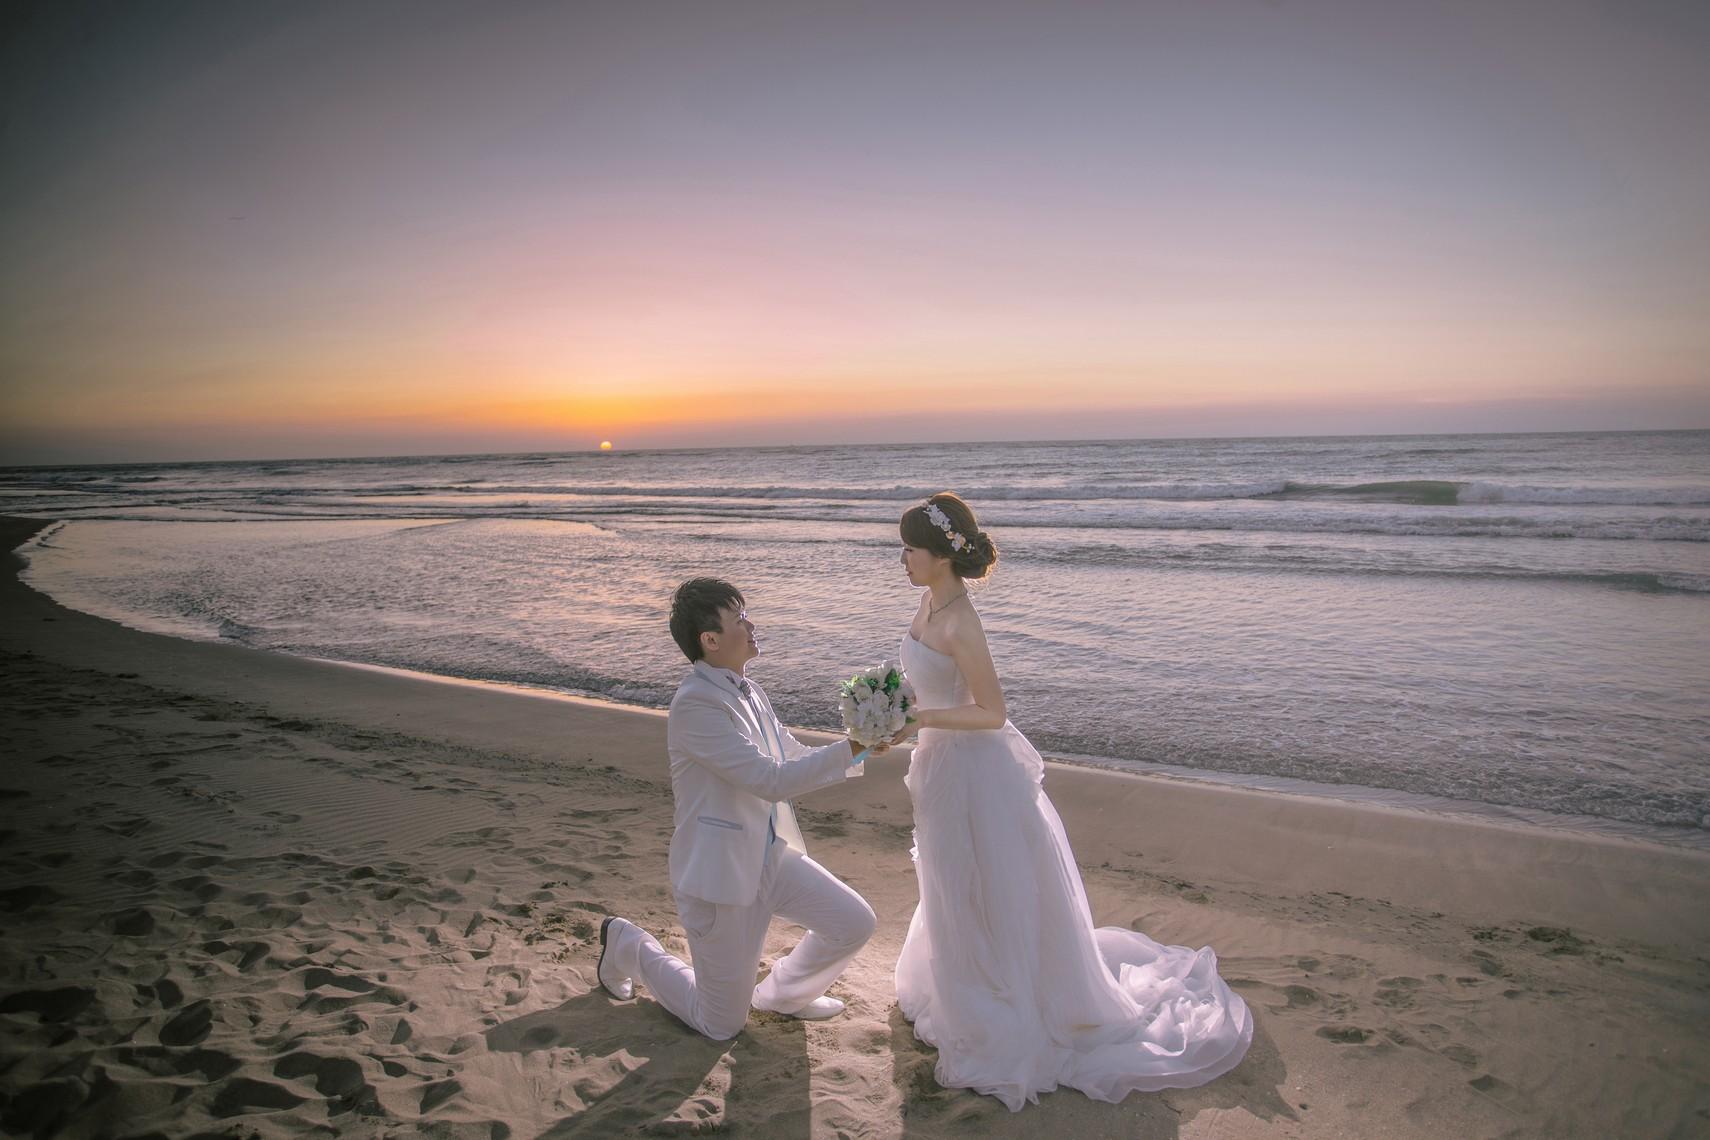 夕陽沙灘婚紗照-台北婚攝Hawk